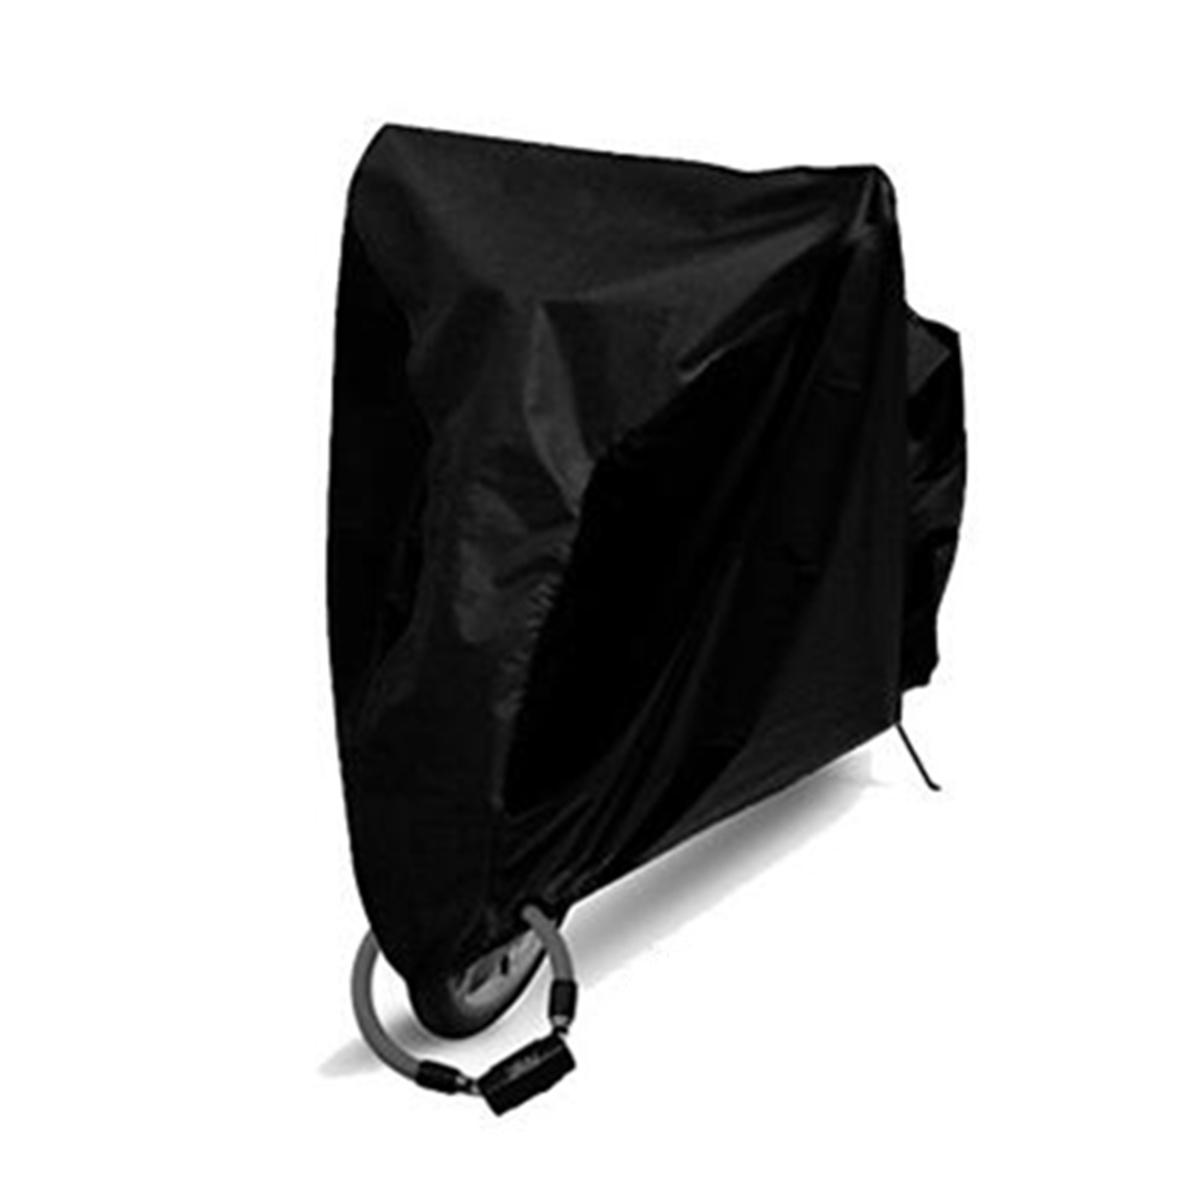 190T мотоцикл Водонепроницаемы Покрытая полиэфирная ткань Велосипедная крышка велосипеда UV Защита